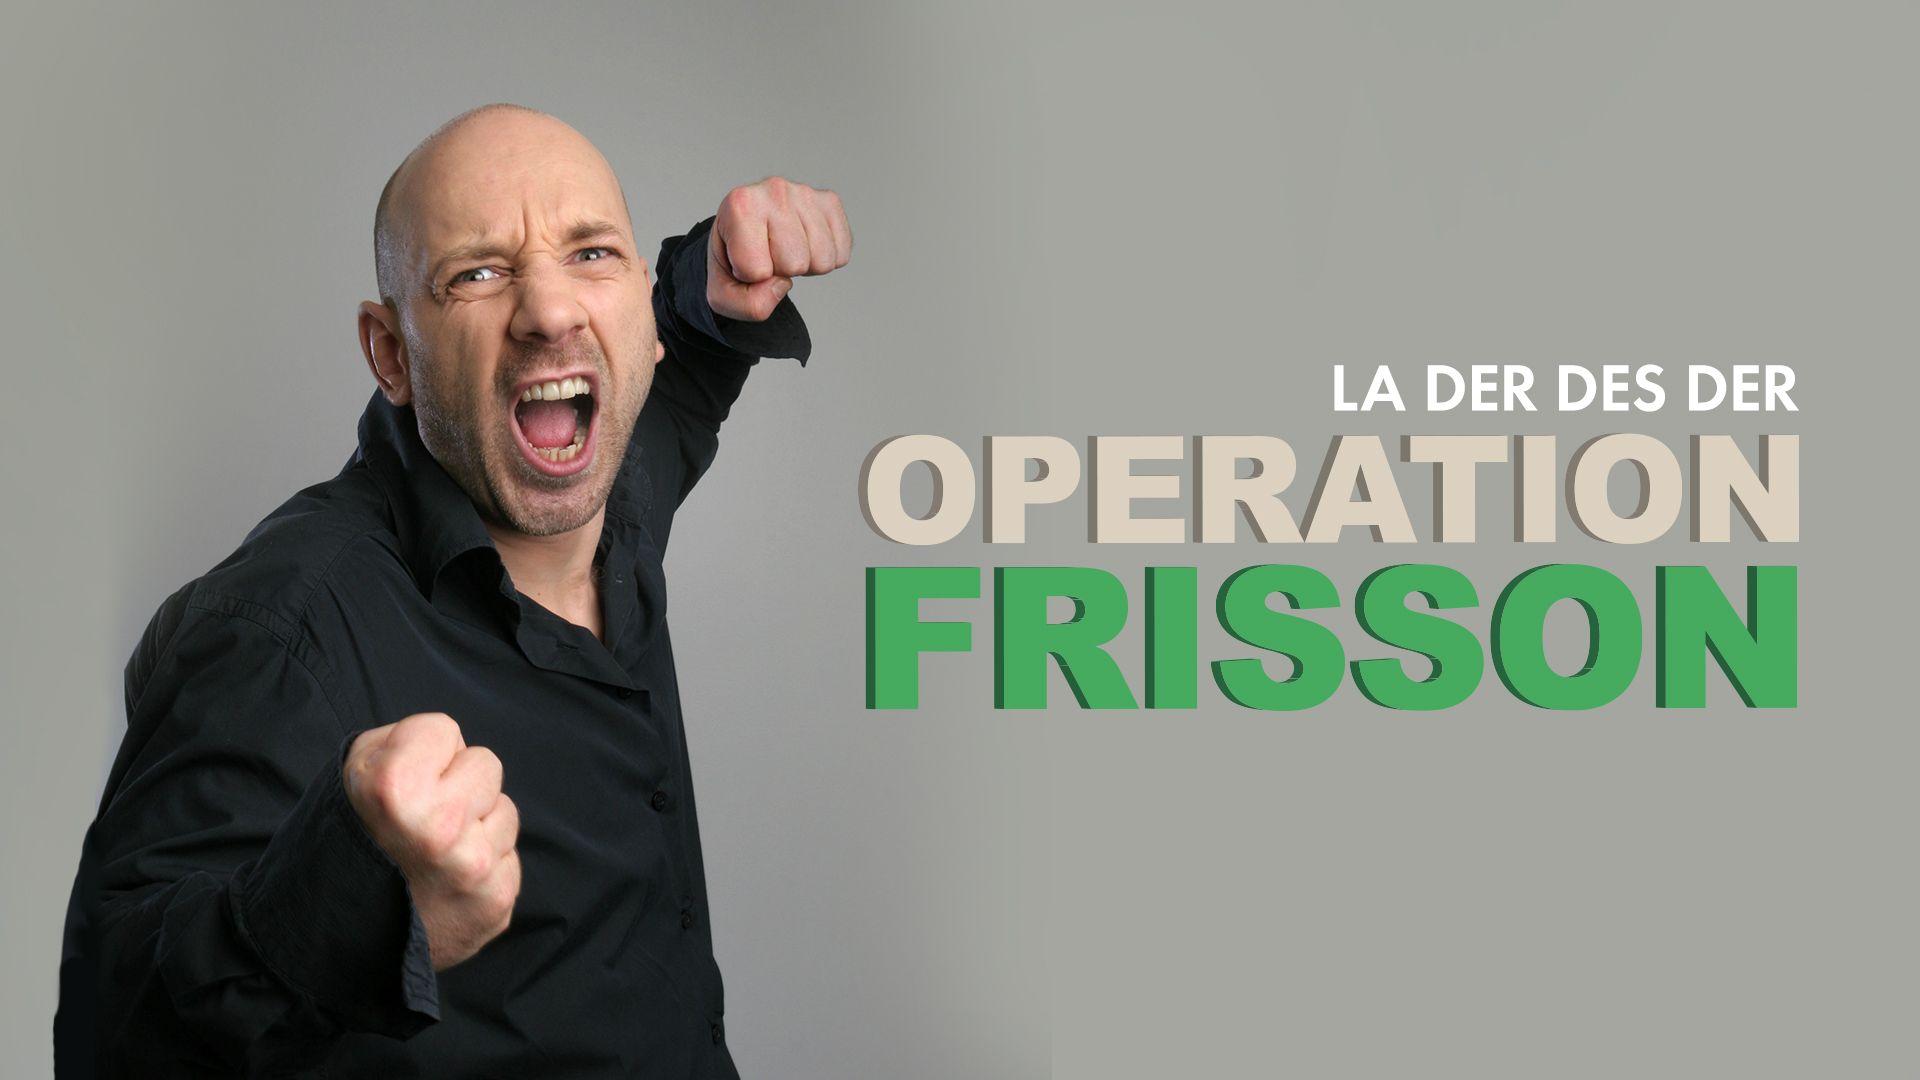 Opération Frisson, la der des der dans ta face, sur Ciné+